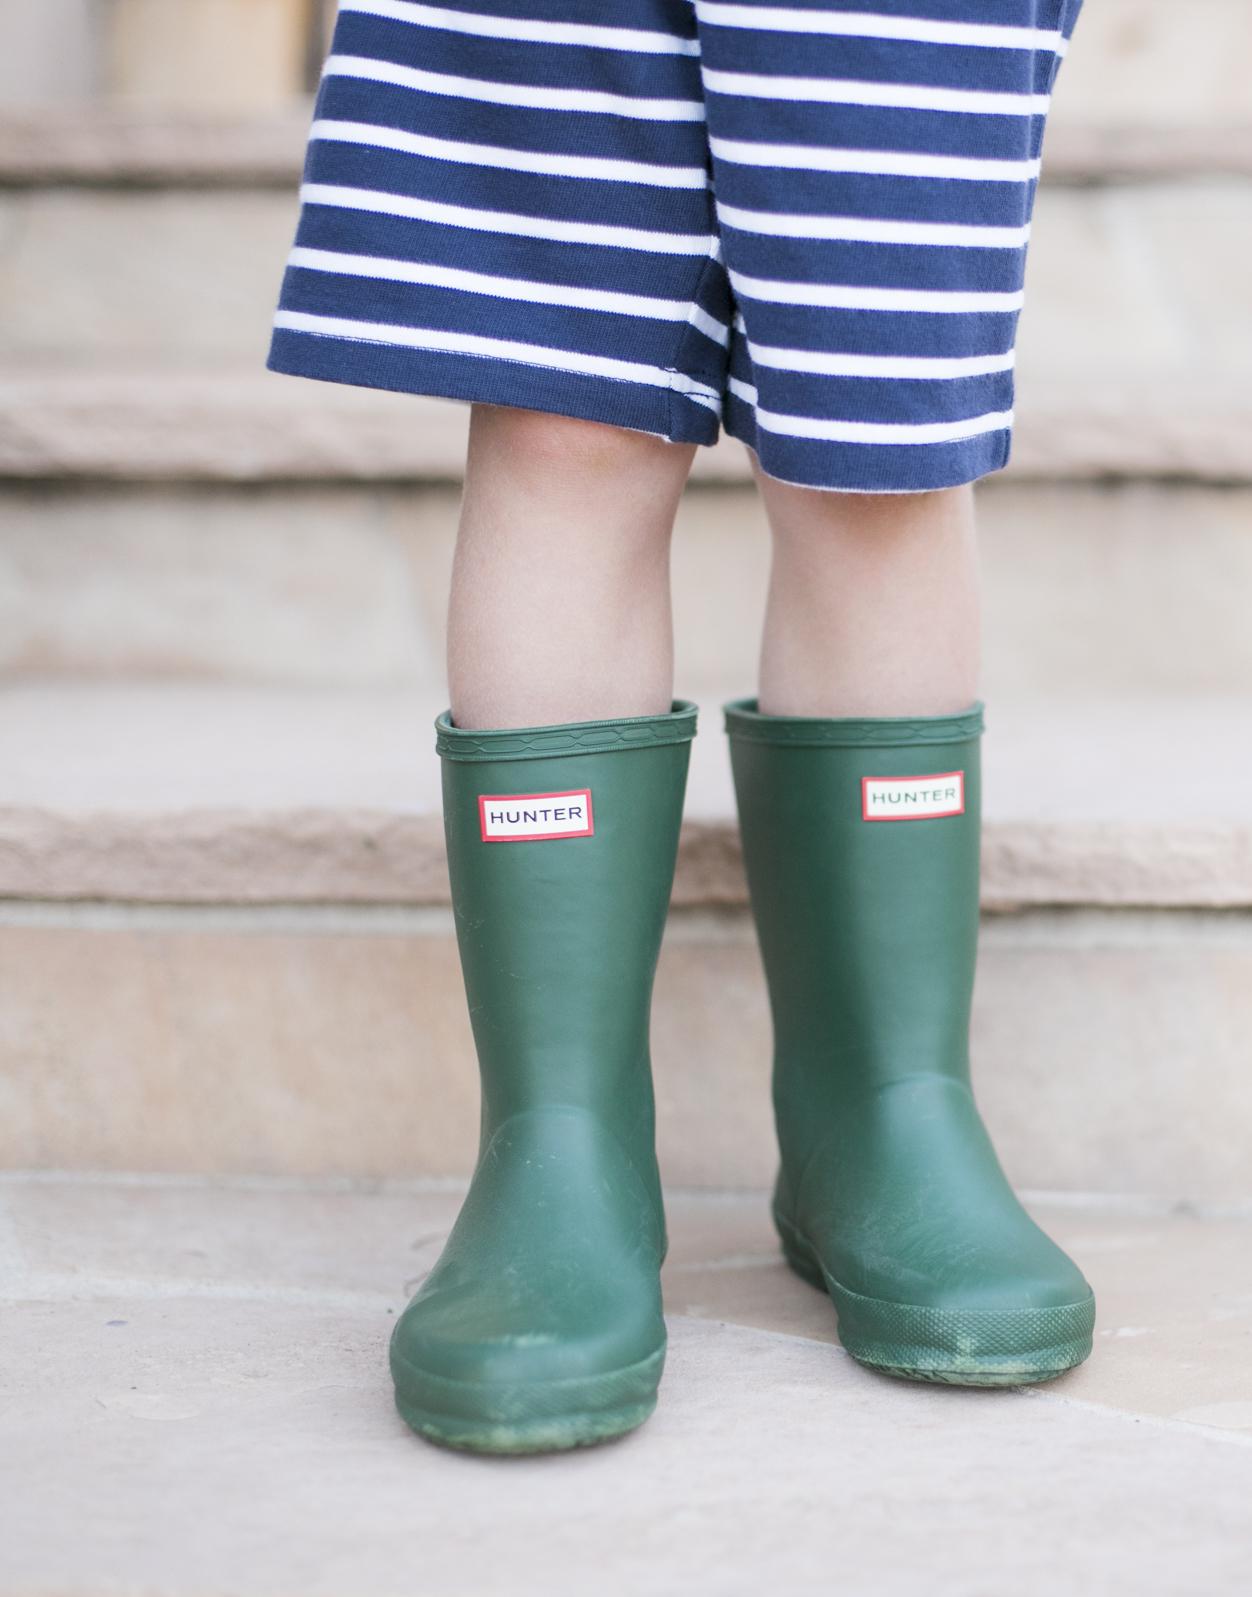 Hunter Green Boys Rain Boots